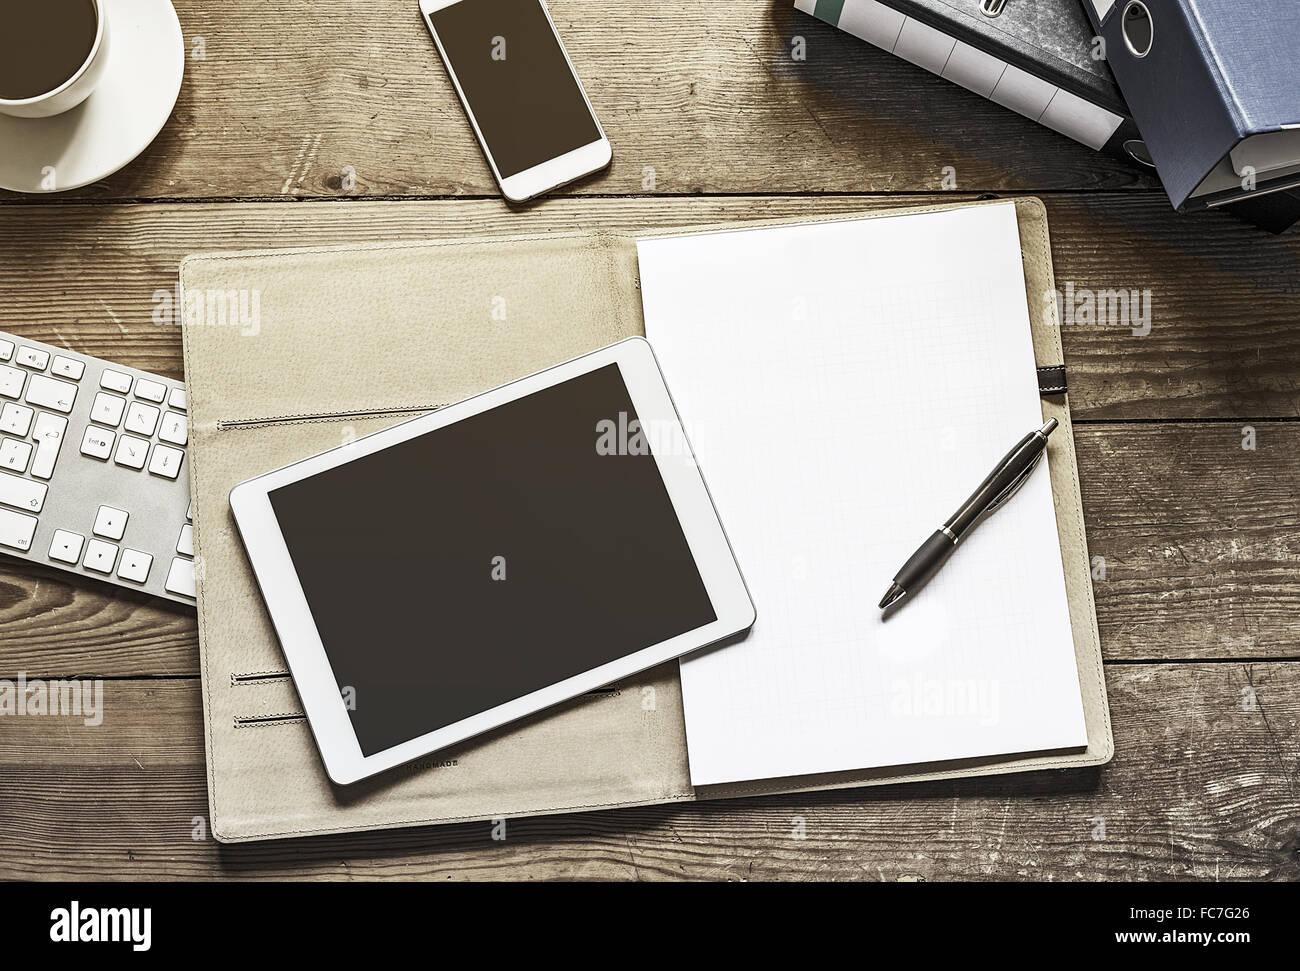 Tablet y teléfono con carpeta Imagen De Stock